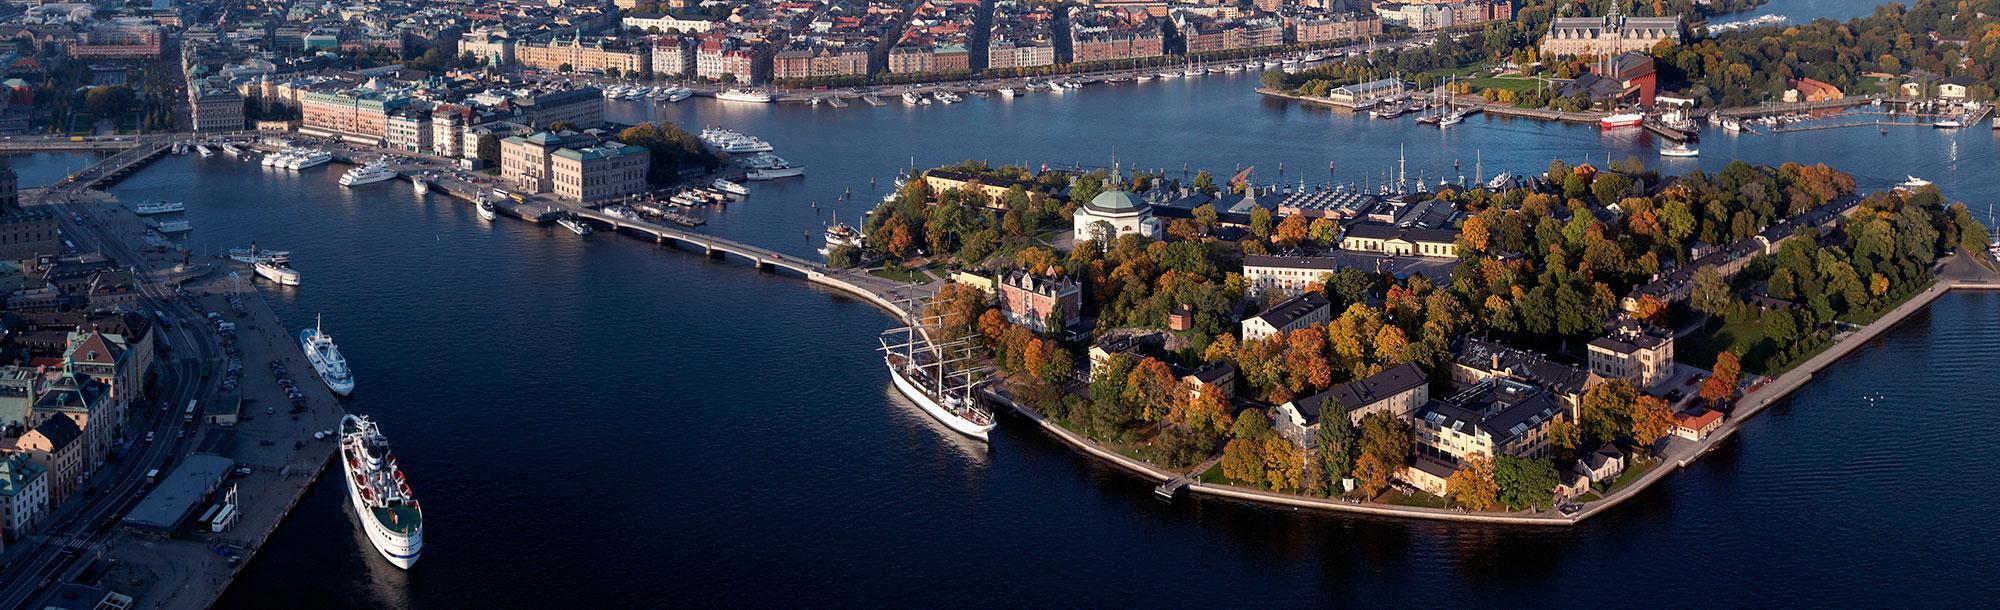 060814_Skeppsholmen_Stockholm